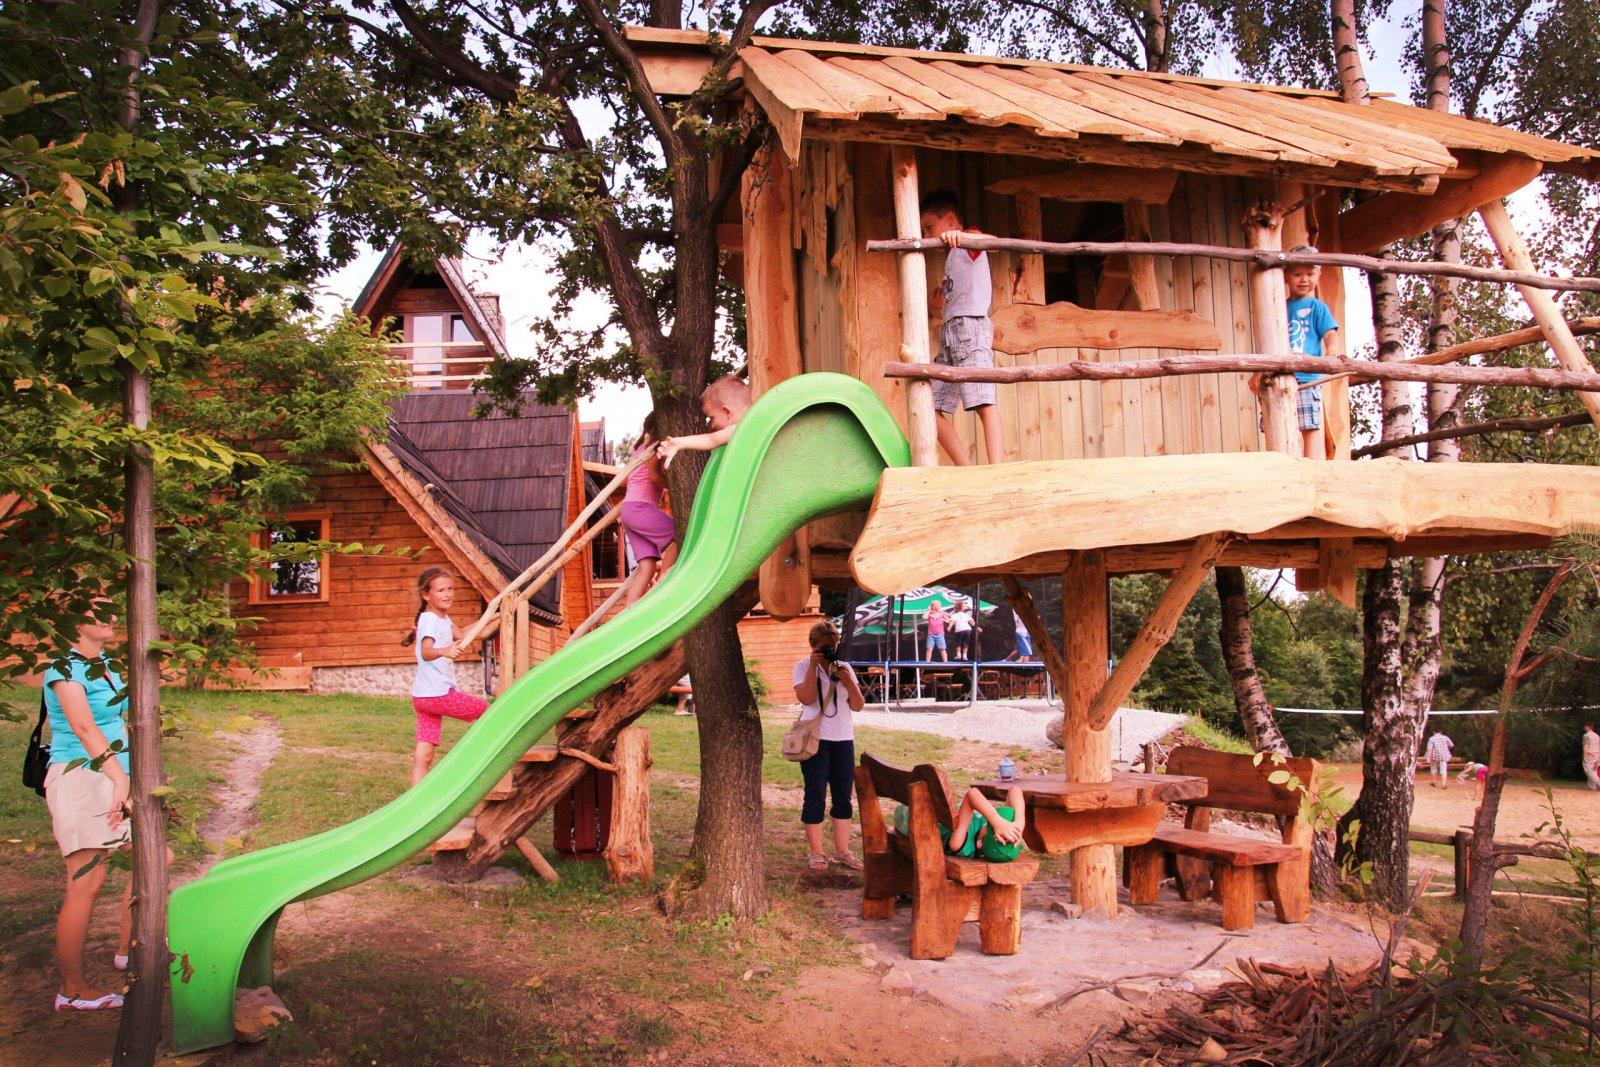 Domek na drzewie. Plac zabaw. Dzieci